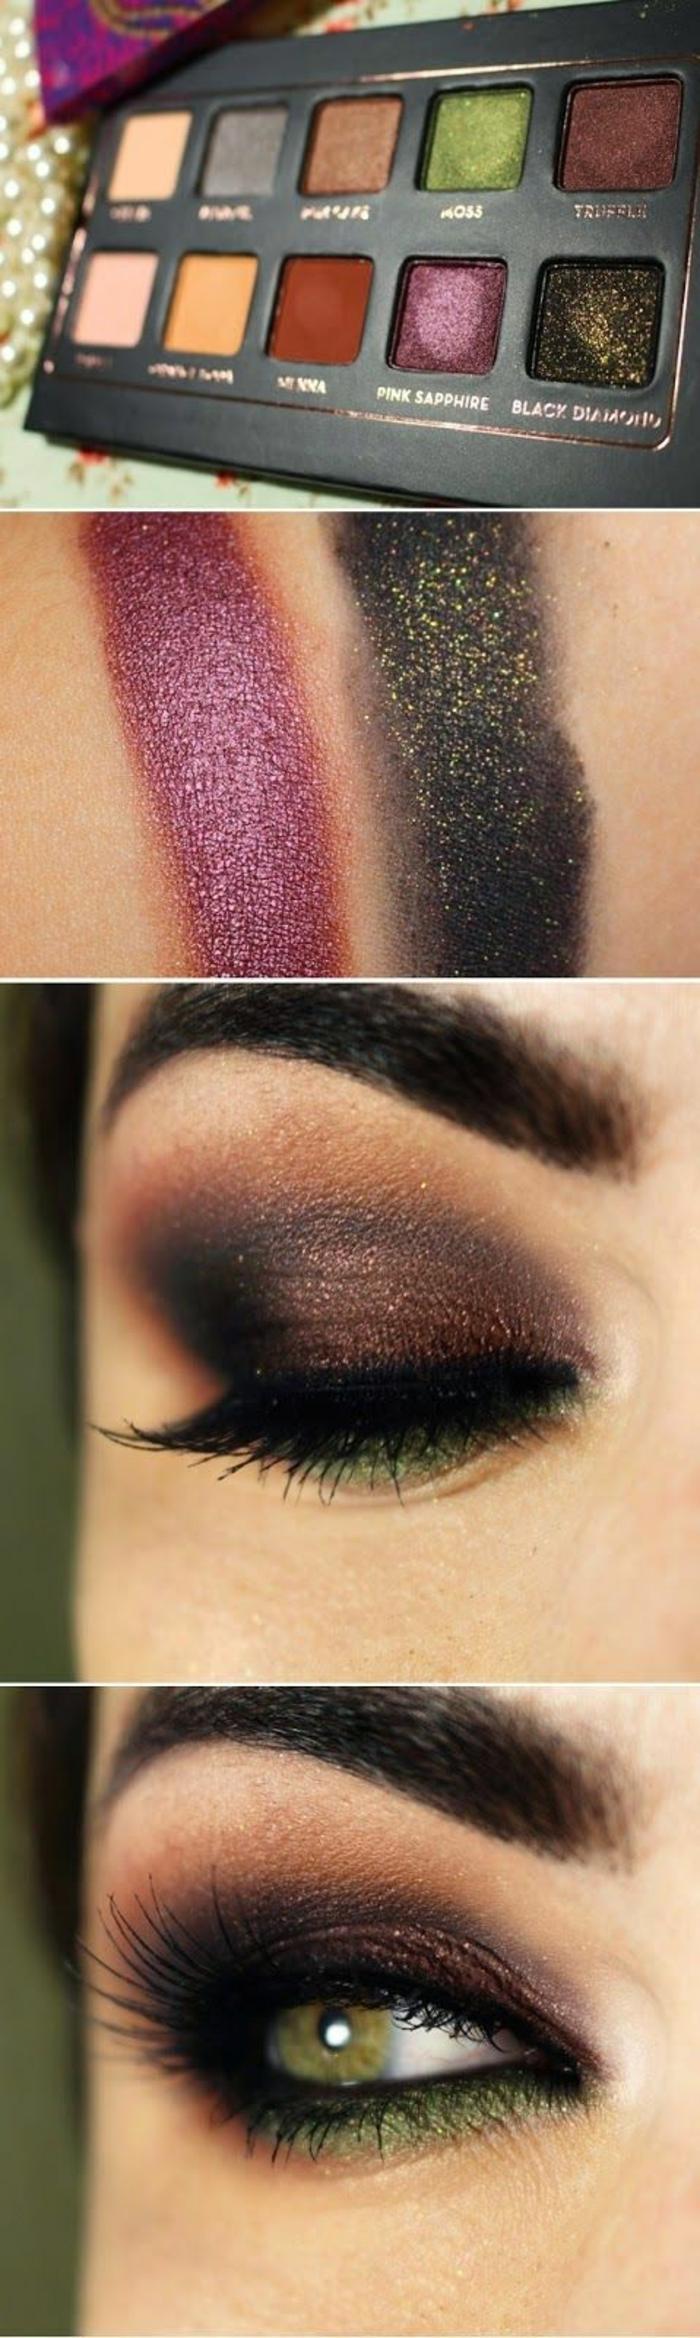 maquillage-pour-yeux-vert-maquillage-des-yeux-verts-ligneur-noir-comment-faire-à-soi-meme-resized